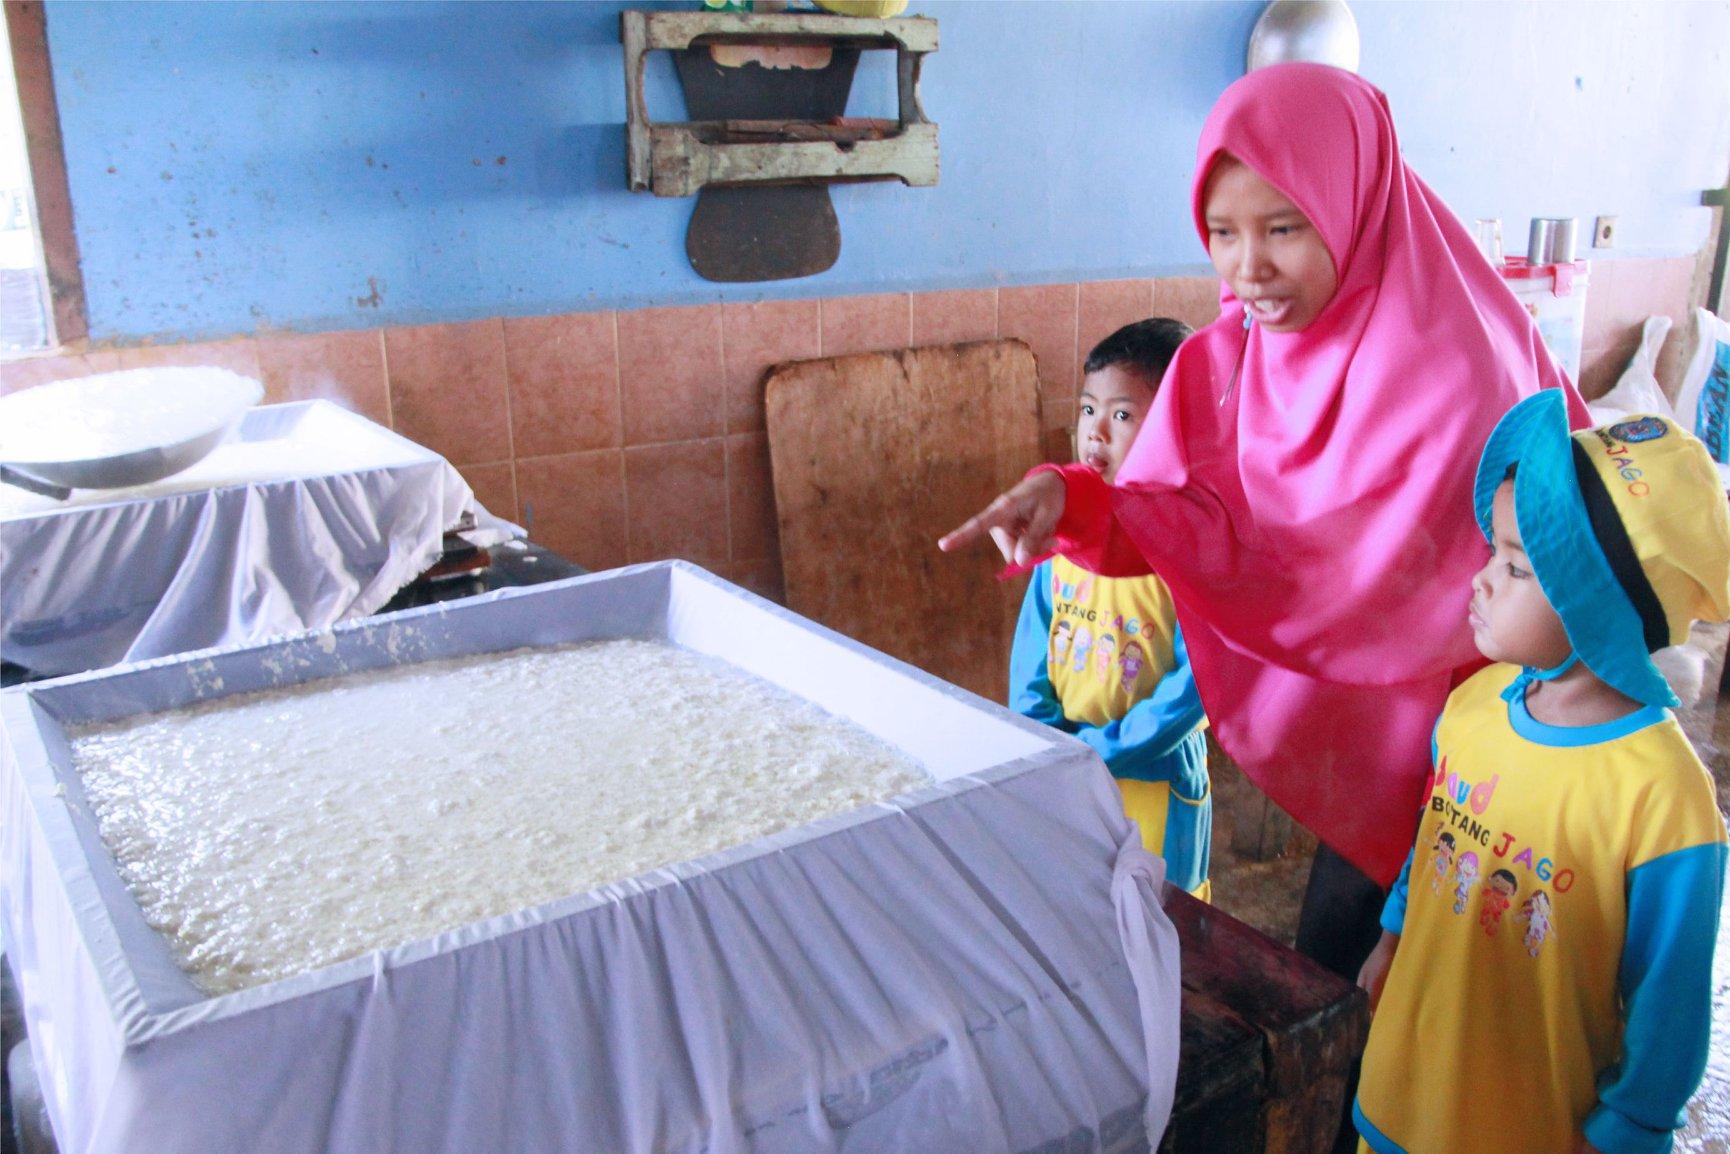 Kunjungan Pabrik Tahu, TPA YABIS Kenalkan Pengolahan Makanan Sehat